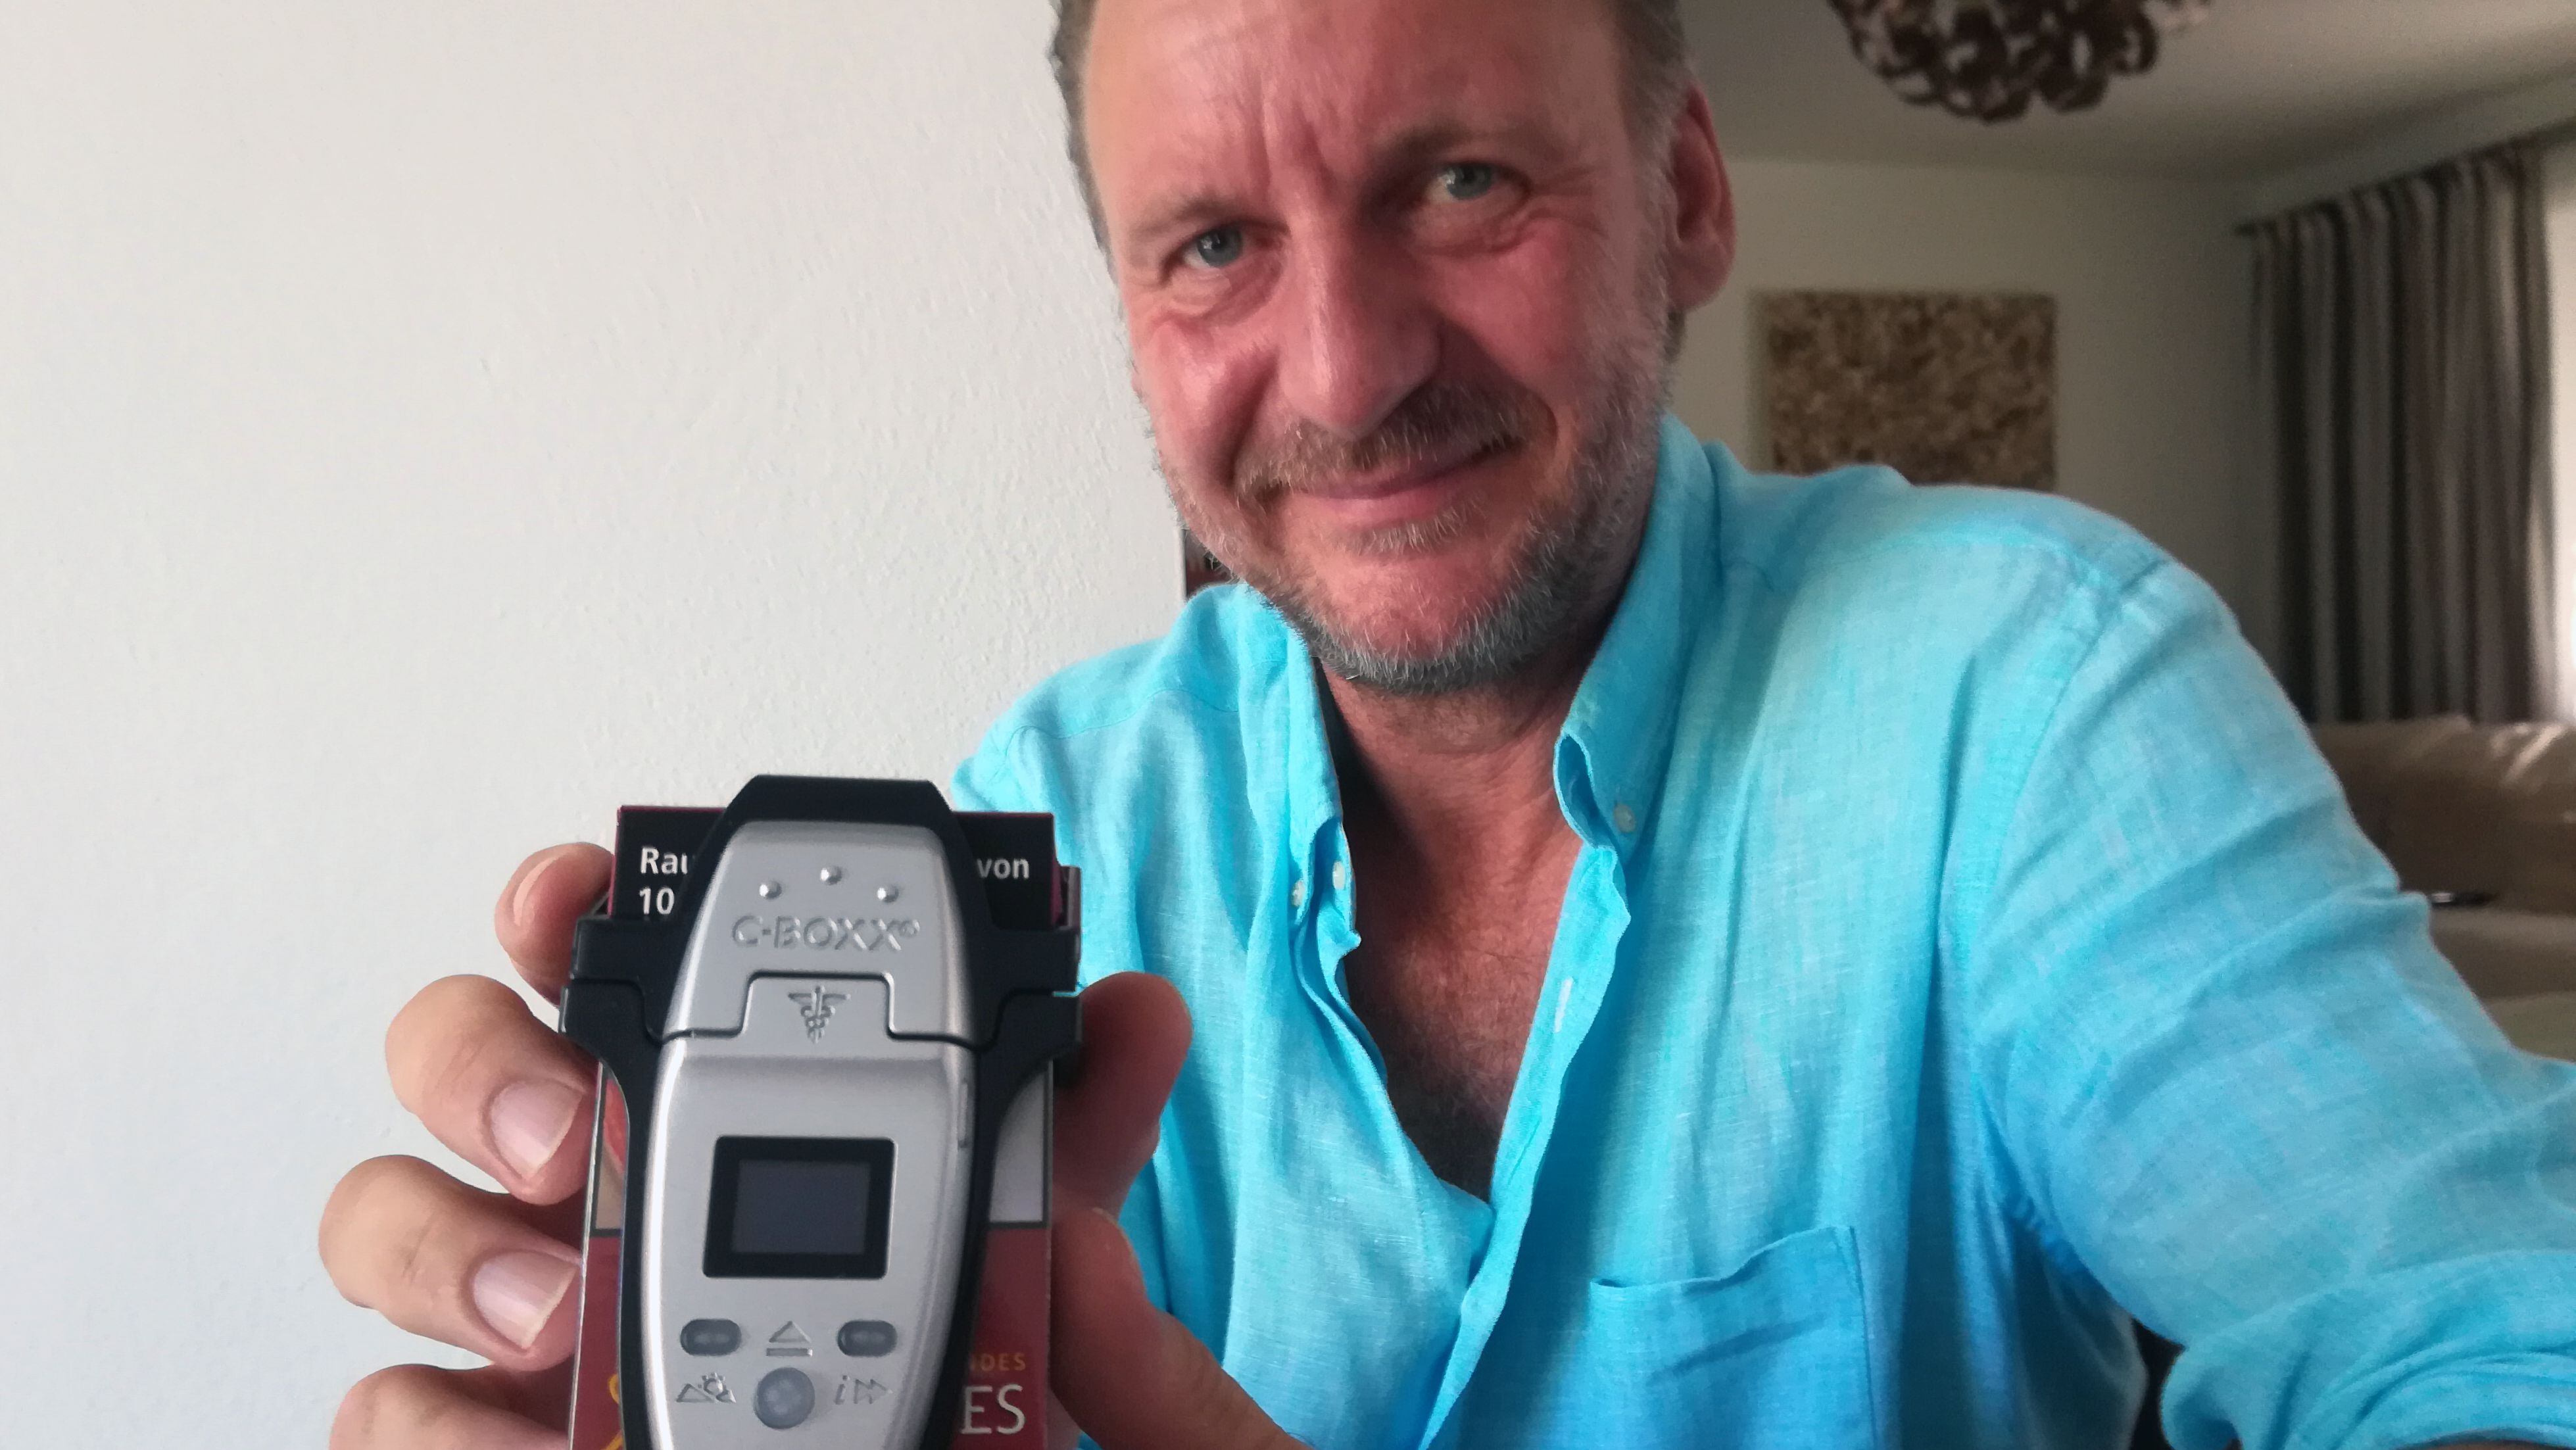 Andreas Unsicker hat die C-Boxx, eine Art Zeitschaltuhr für die Zigarettenschachtel erfunden. das Gerät ist seit wenigen Tagen auf dem Markt,